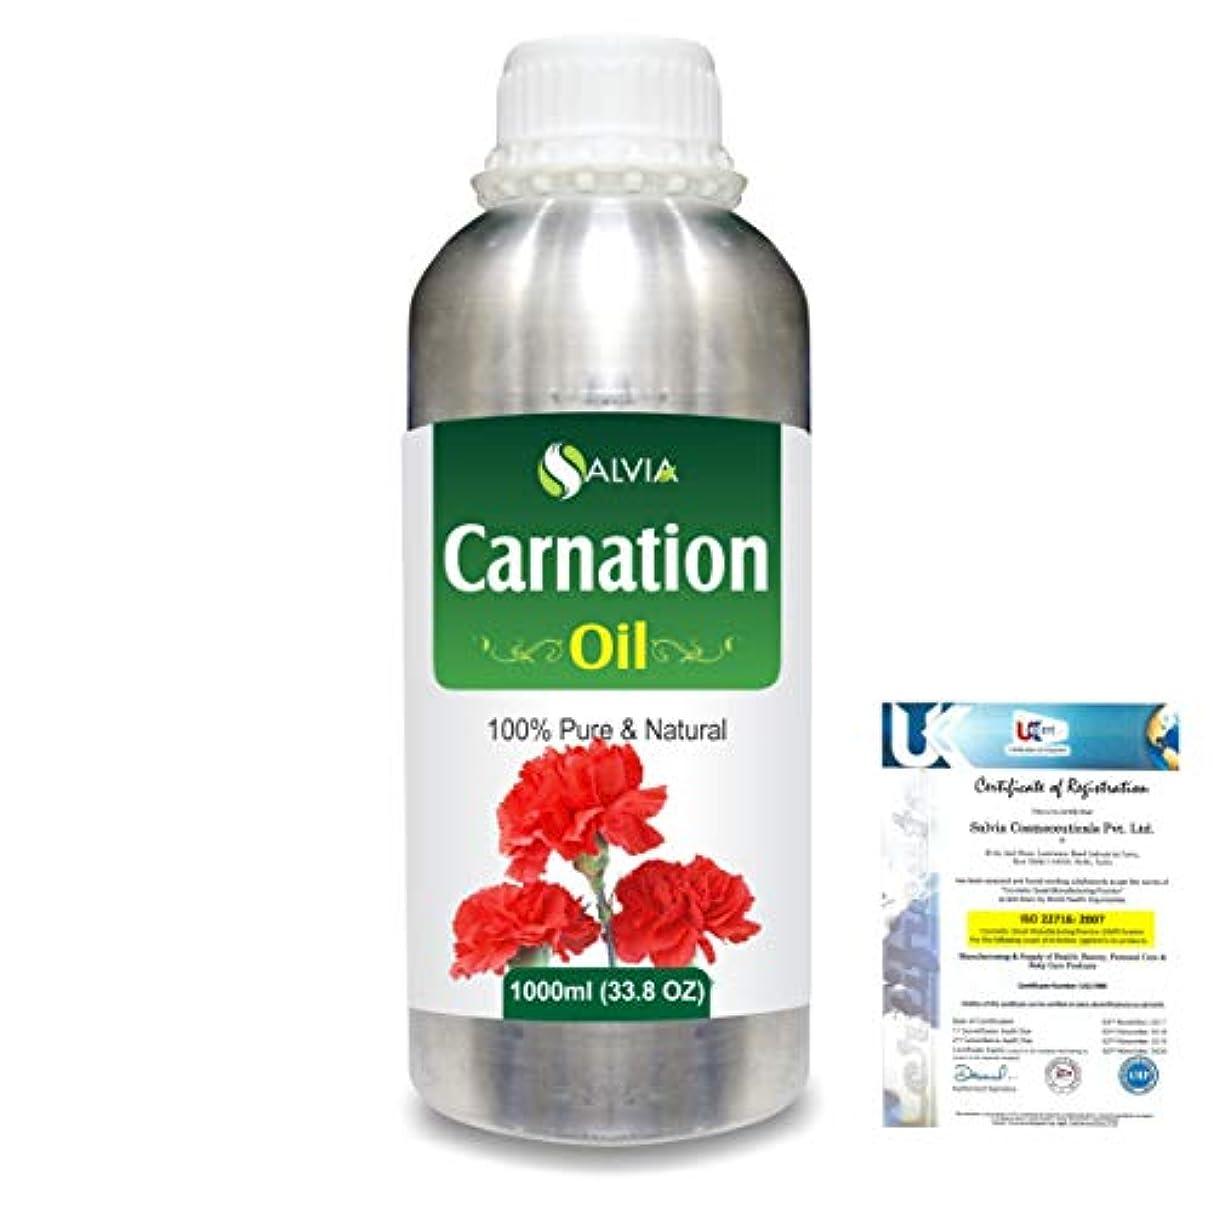 悔い改め宣伝とらえどころのないCarnation (Dianthus caryophyllus) 100% Natural Pure Essential Oil 1000ml/33.8fl.oz.